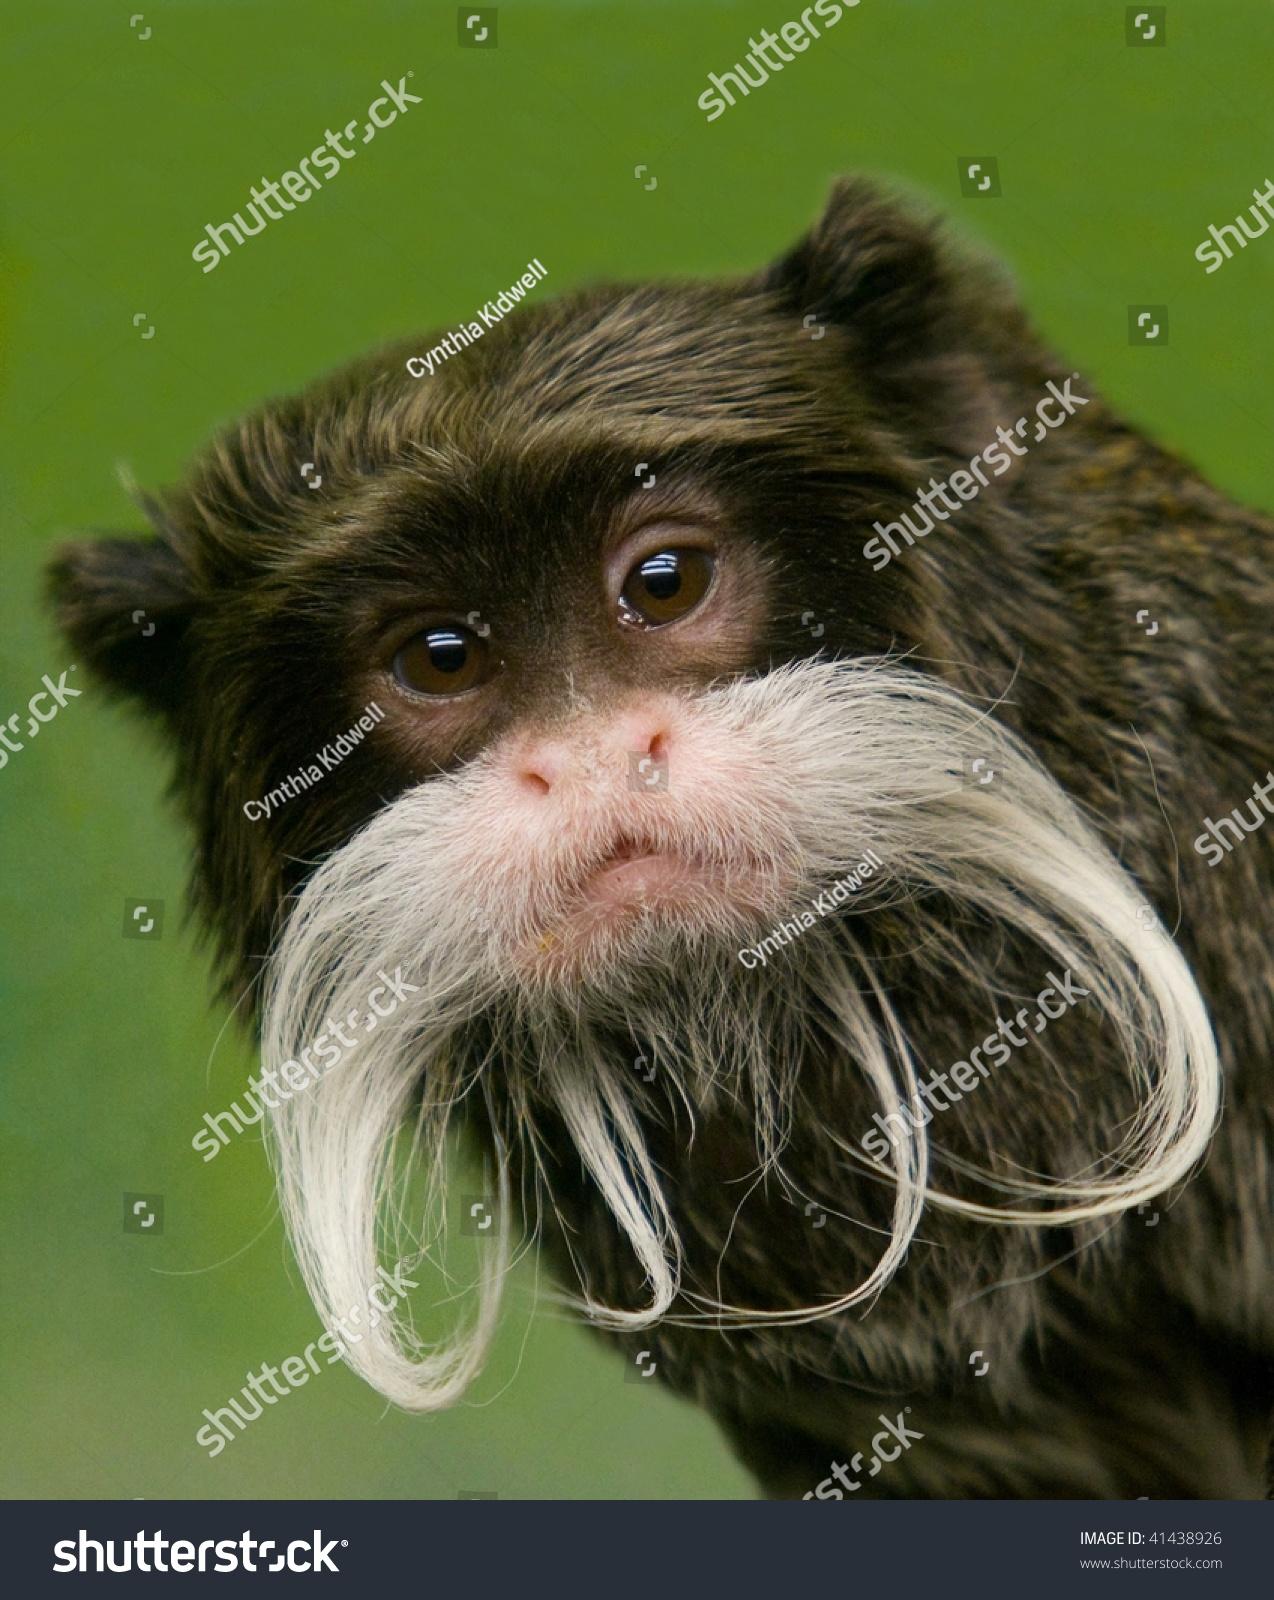 特写皇帝绢毛猴-动物/野生生物